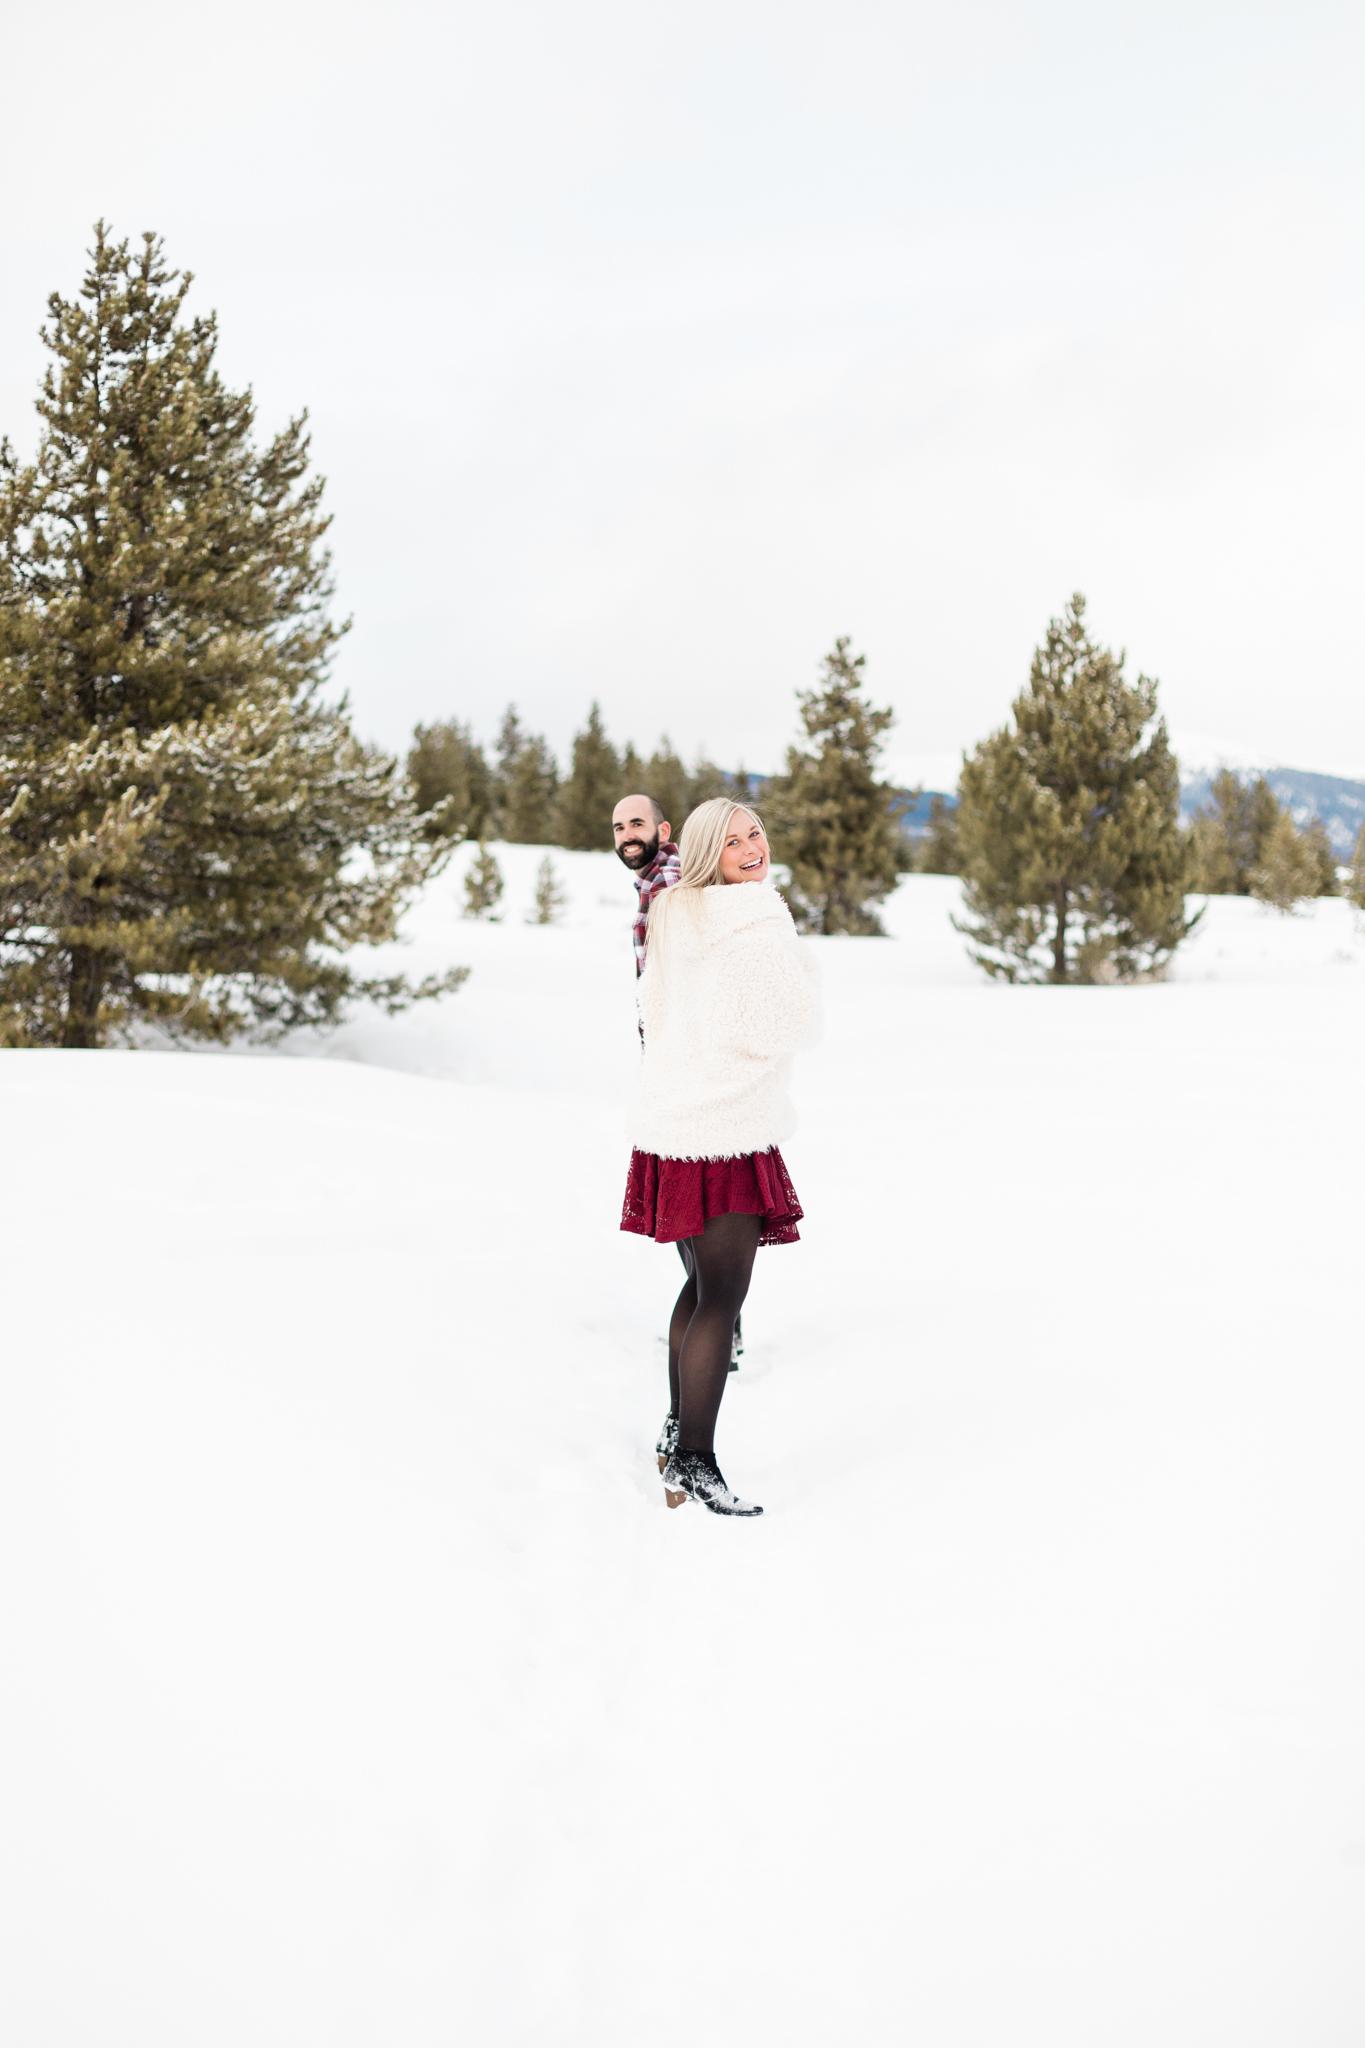 Windy_Point_Breckenridge_Winter_Proposal_2